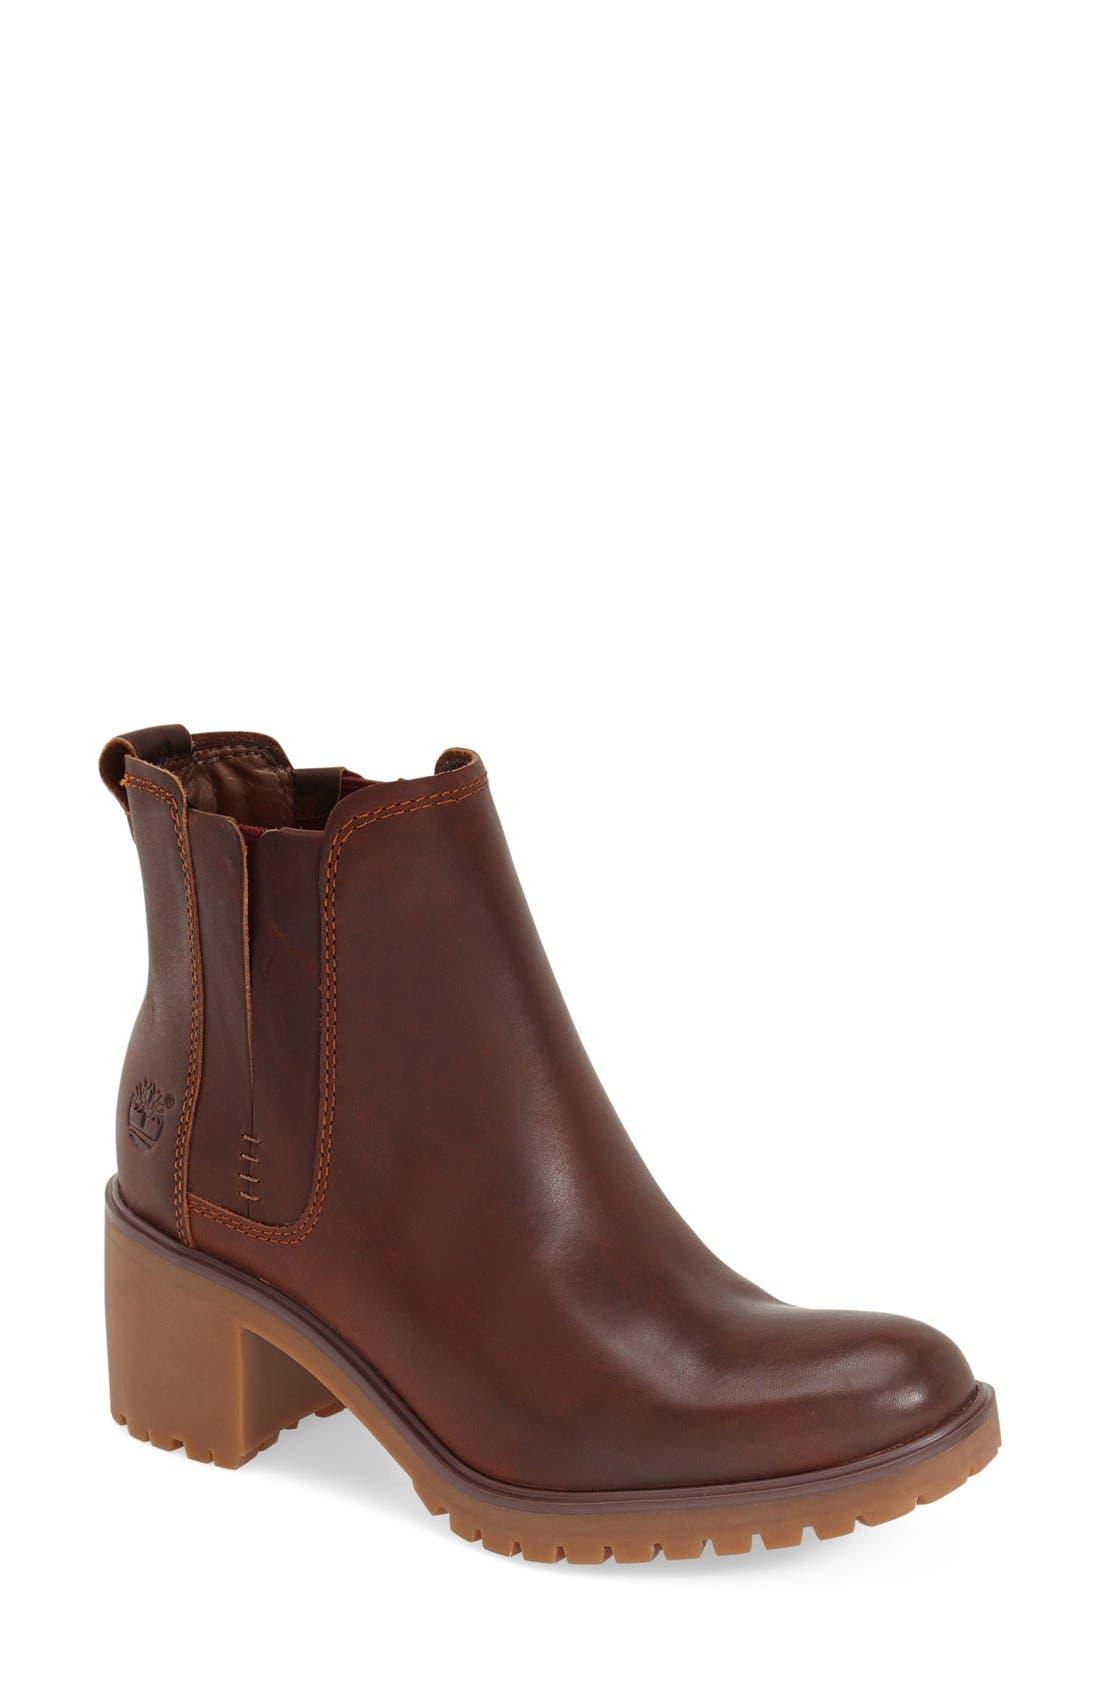 Main Image - Timberland 'Avery' Chelsea Boot (Women)